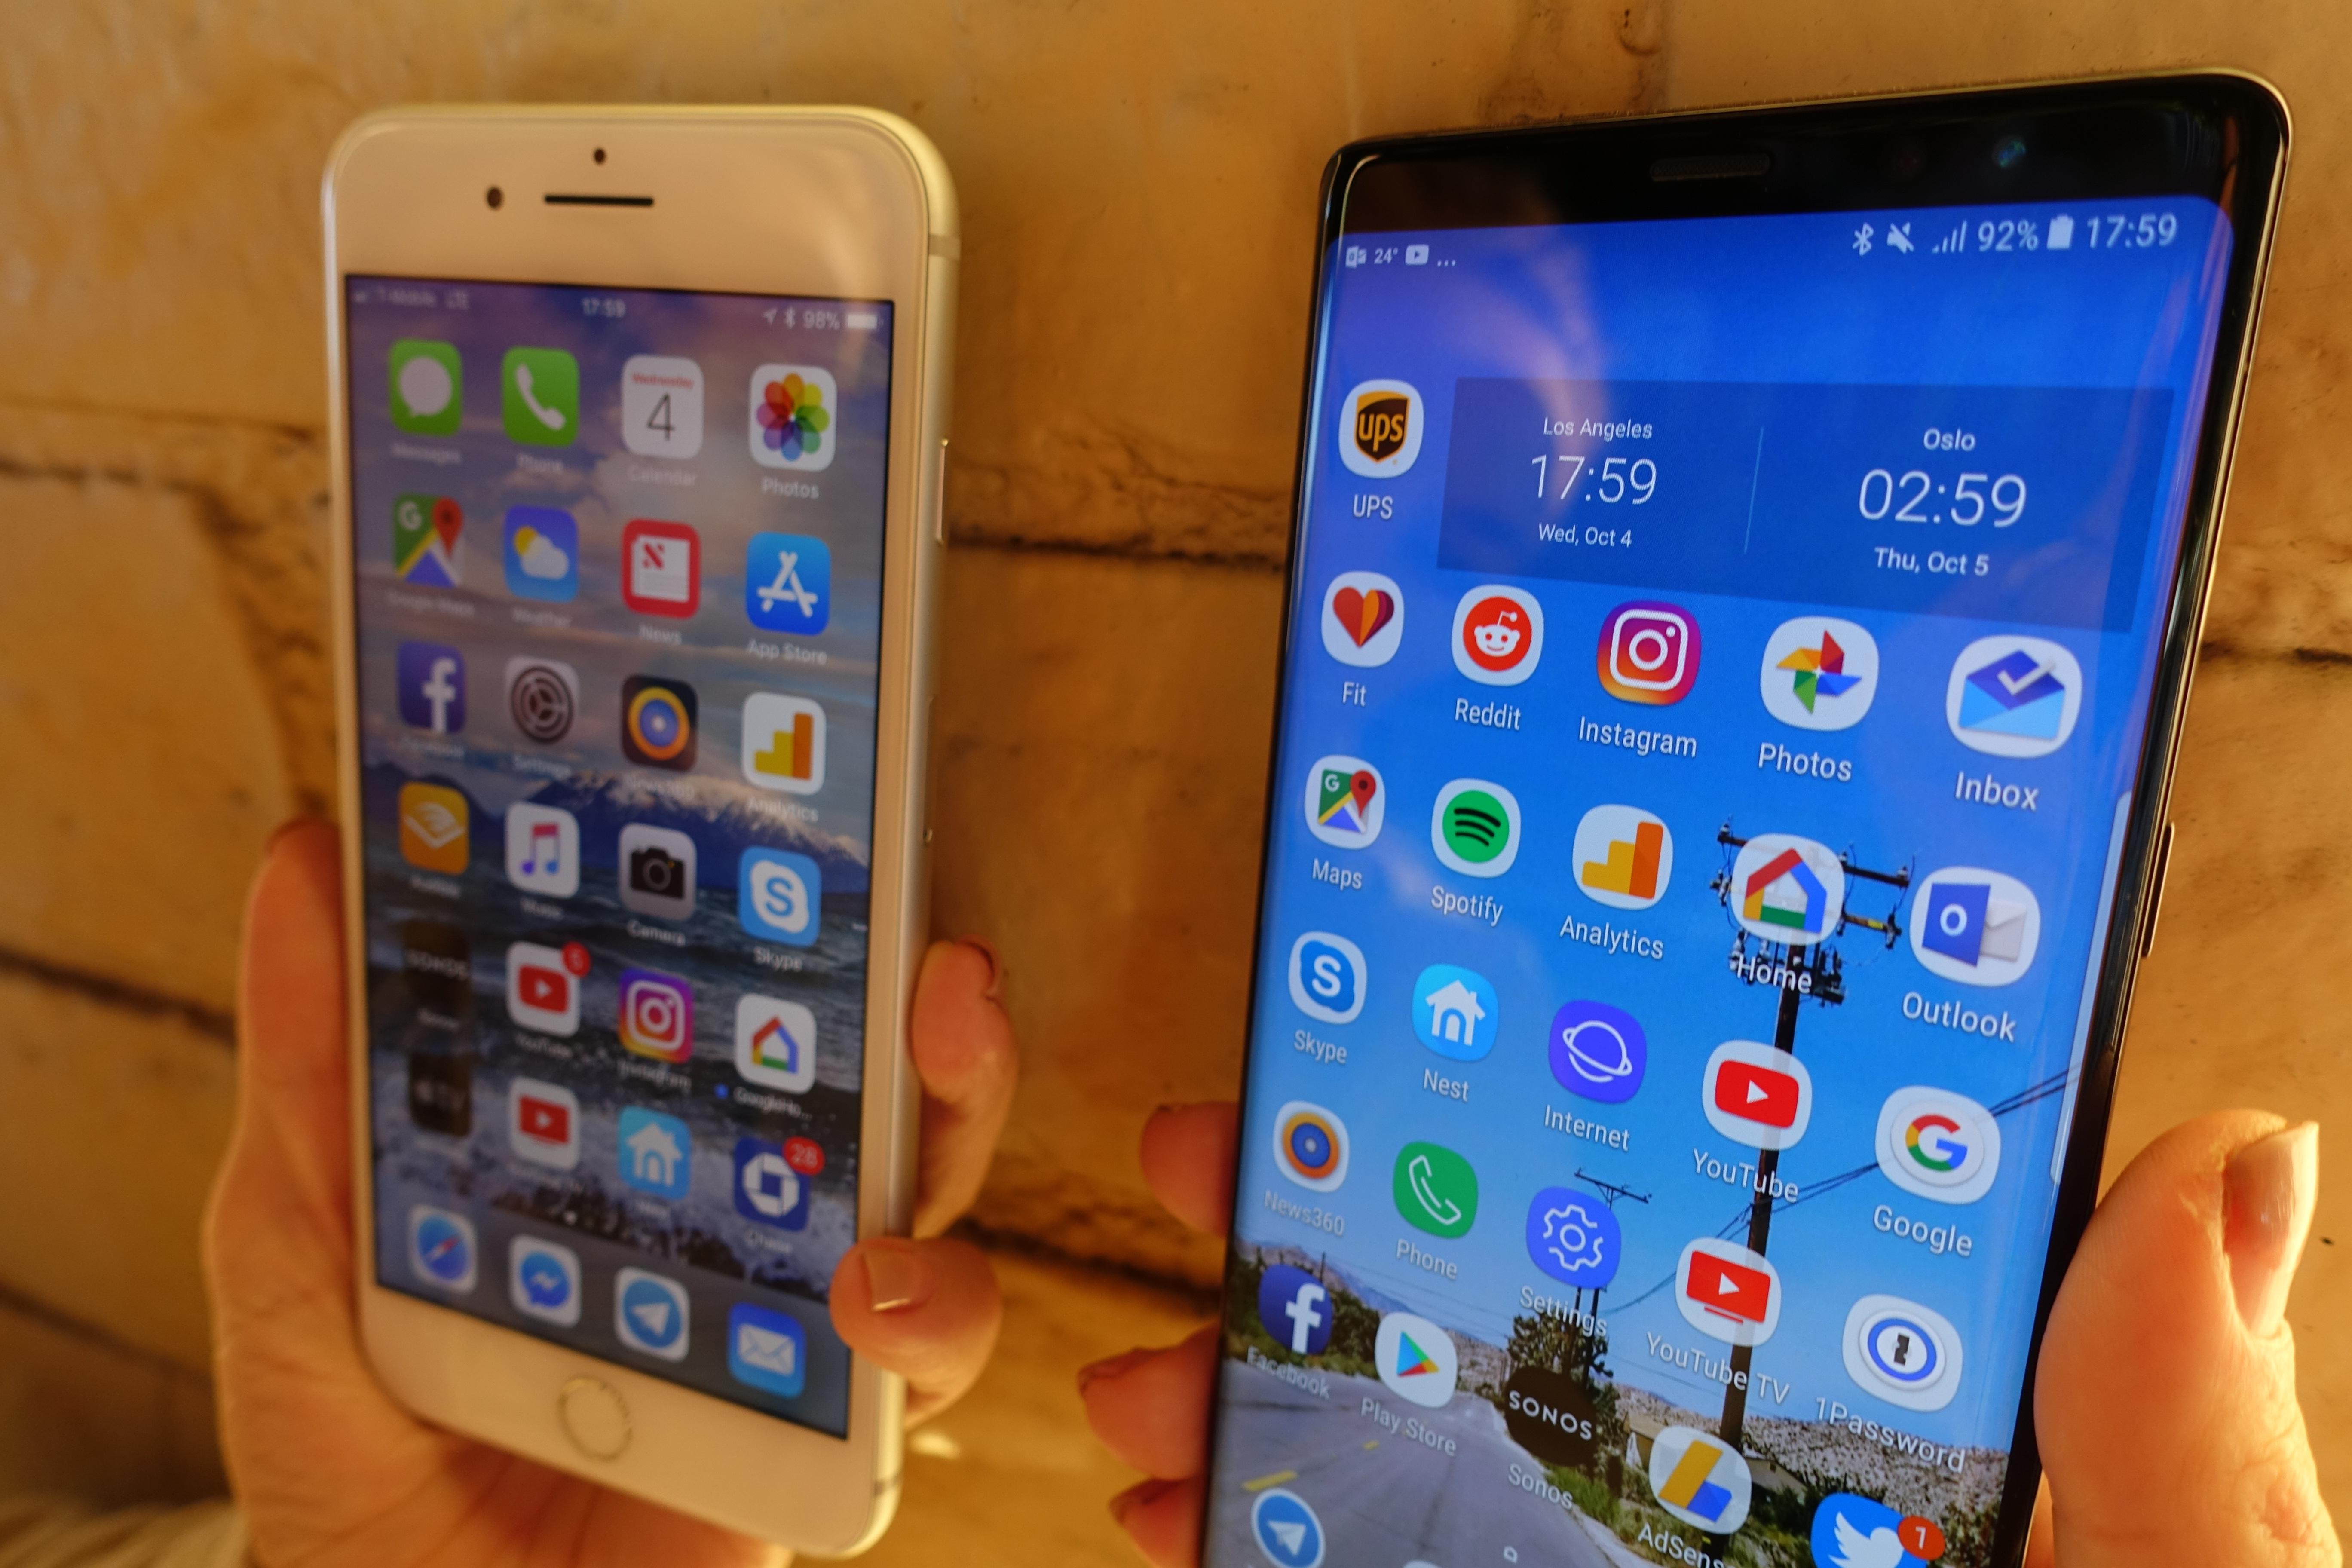 Dette er helt klart to veldig gode mobiler man vil ha mye glede av i mange år.